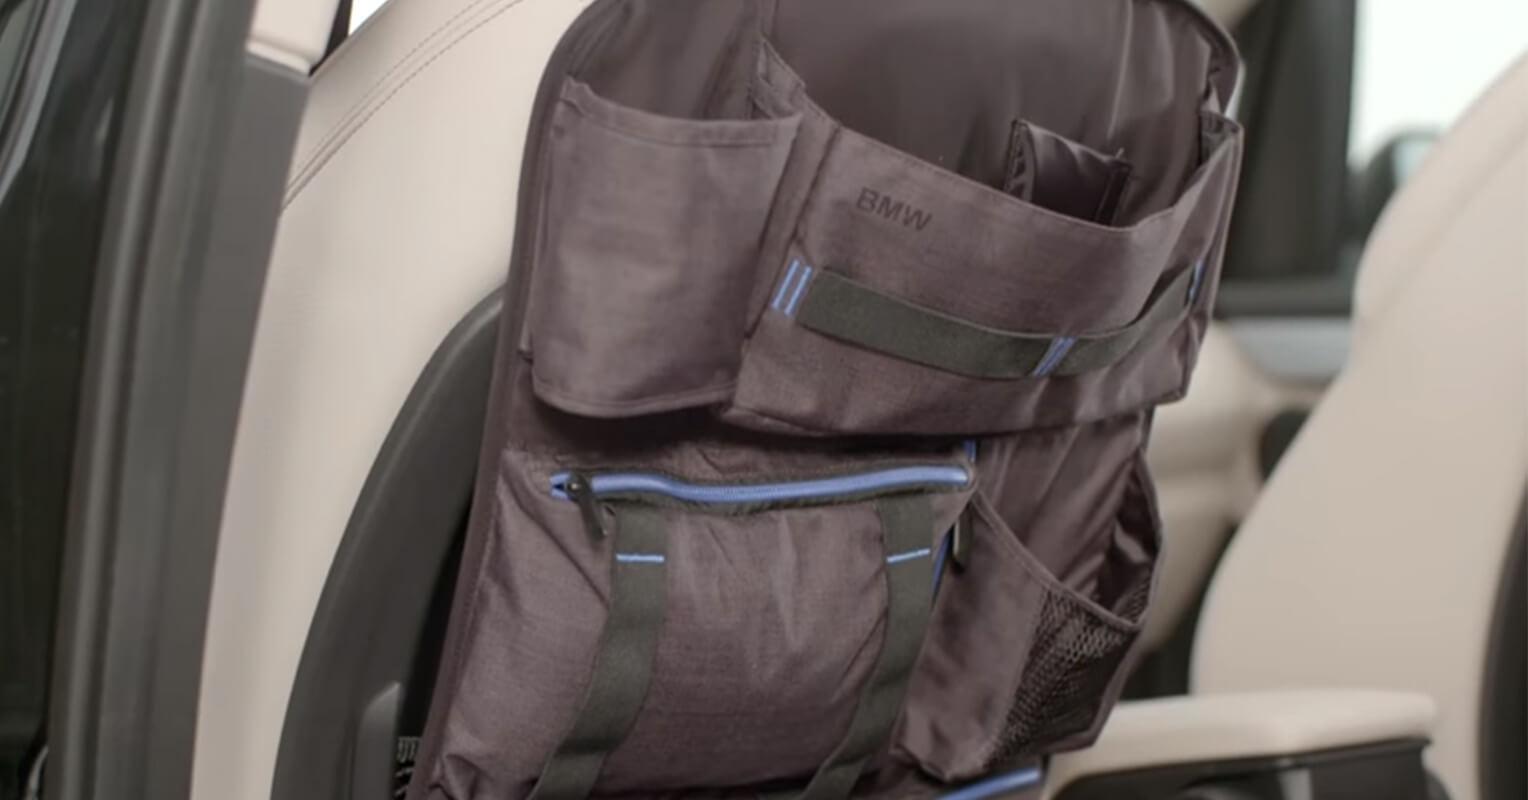 Accesorios BMW bolsa de asiento